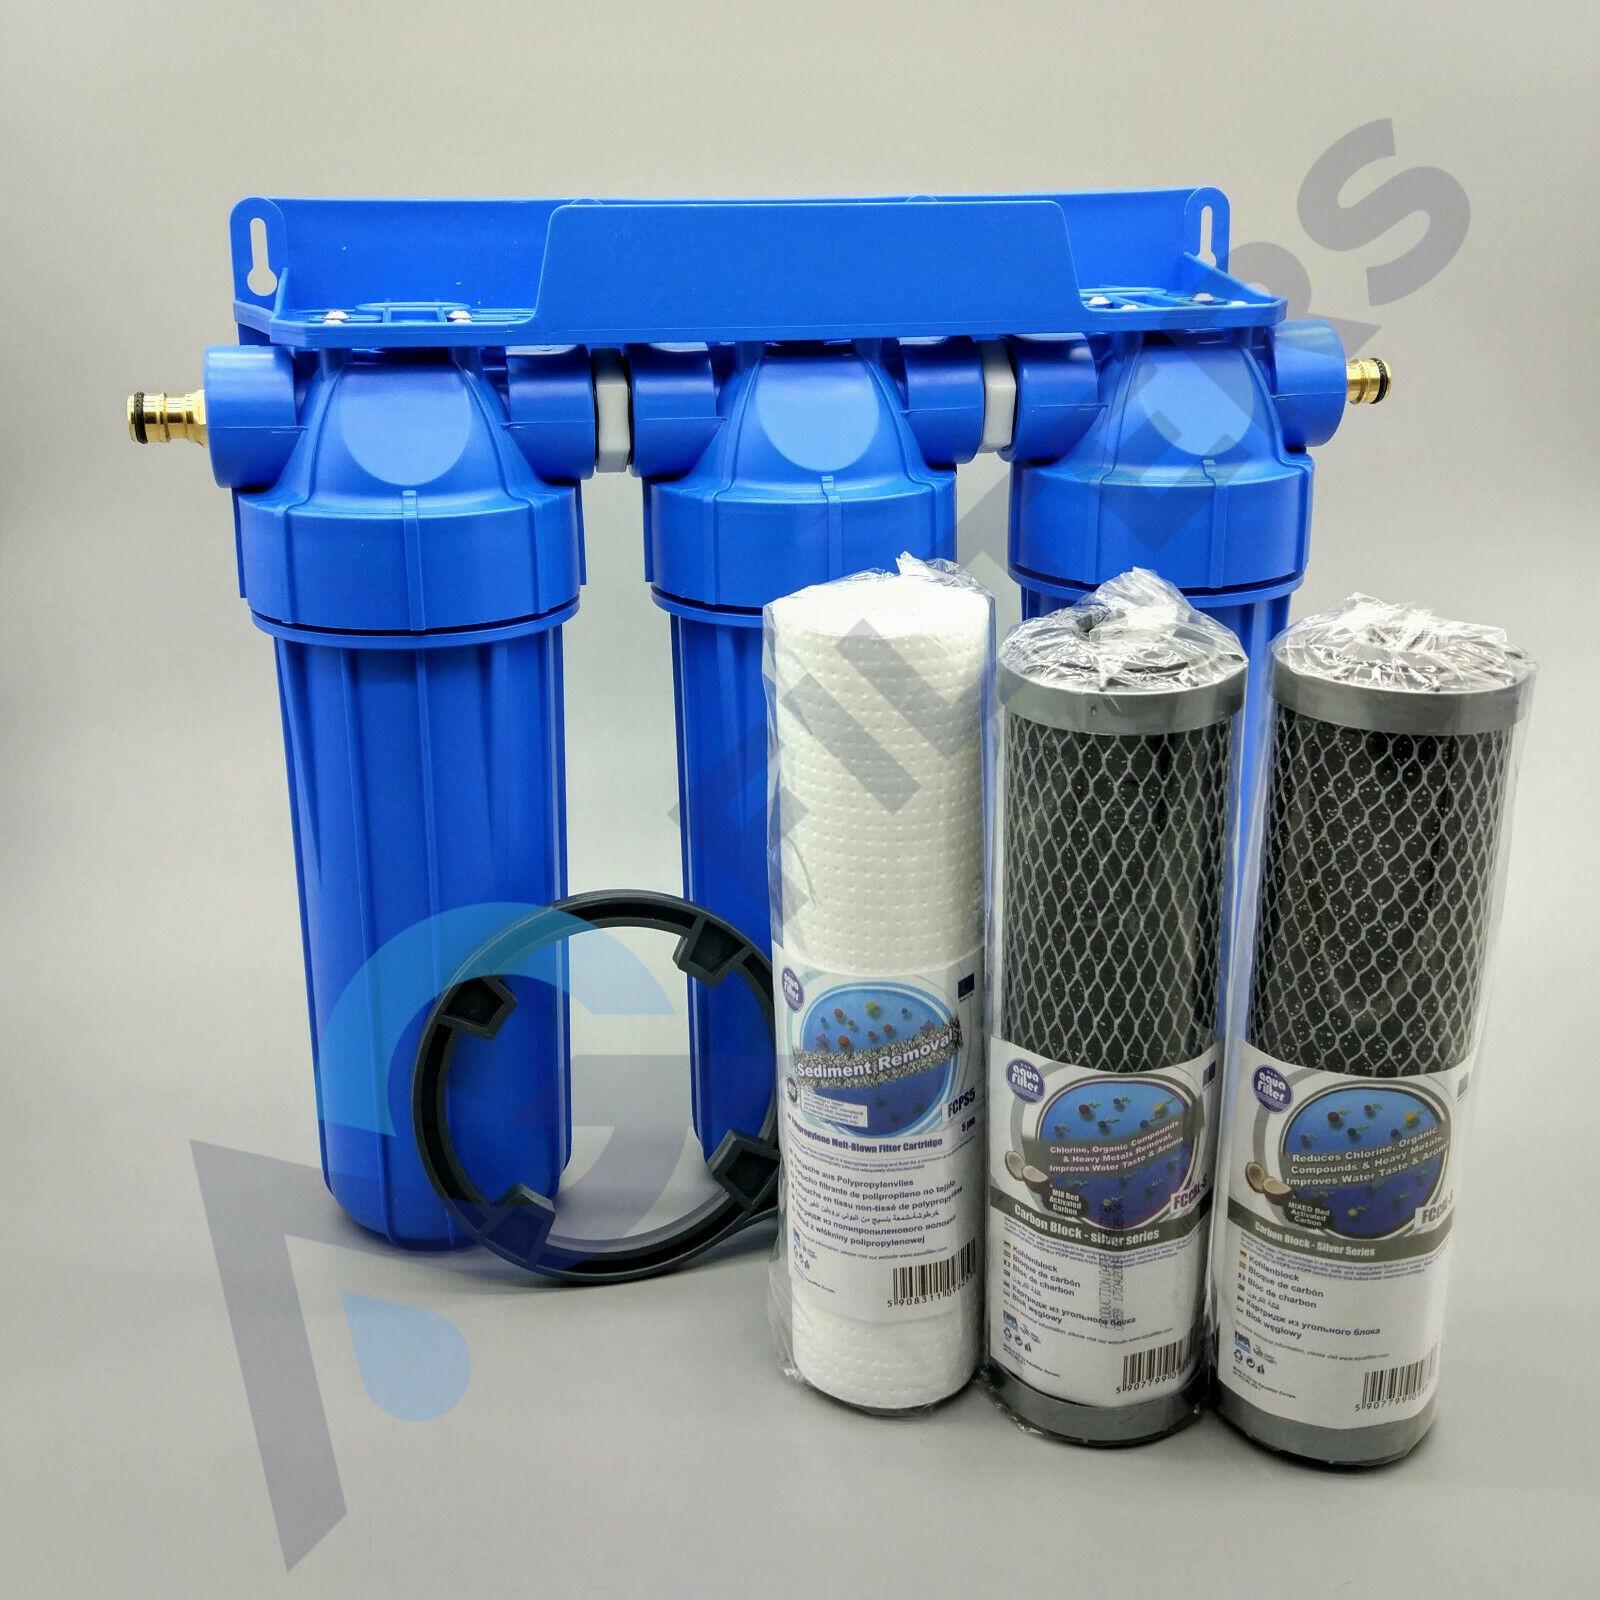 3 Fasi HMA ad alto flusso dell'acqua Filtro stagno di Koi dechlorinator rimozione di cloro